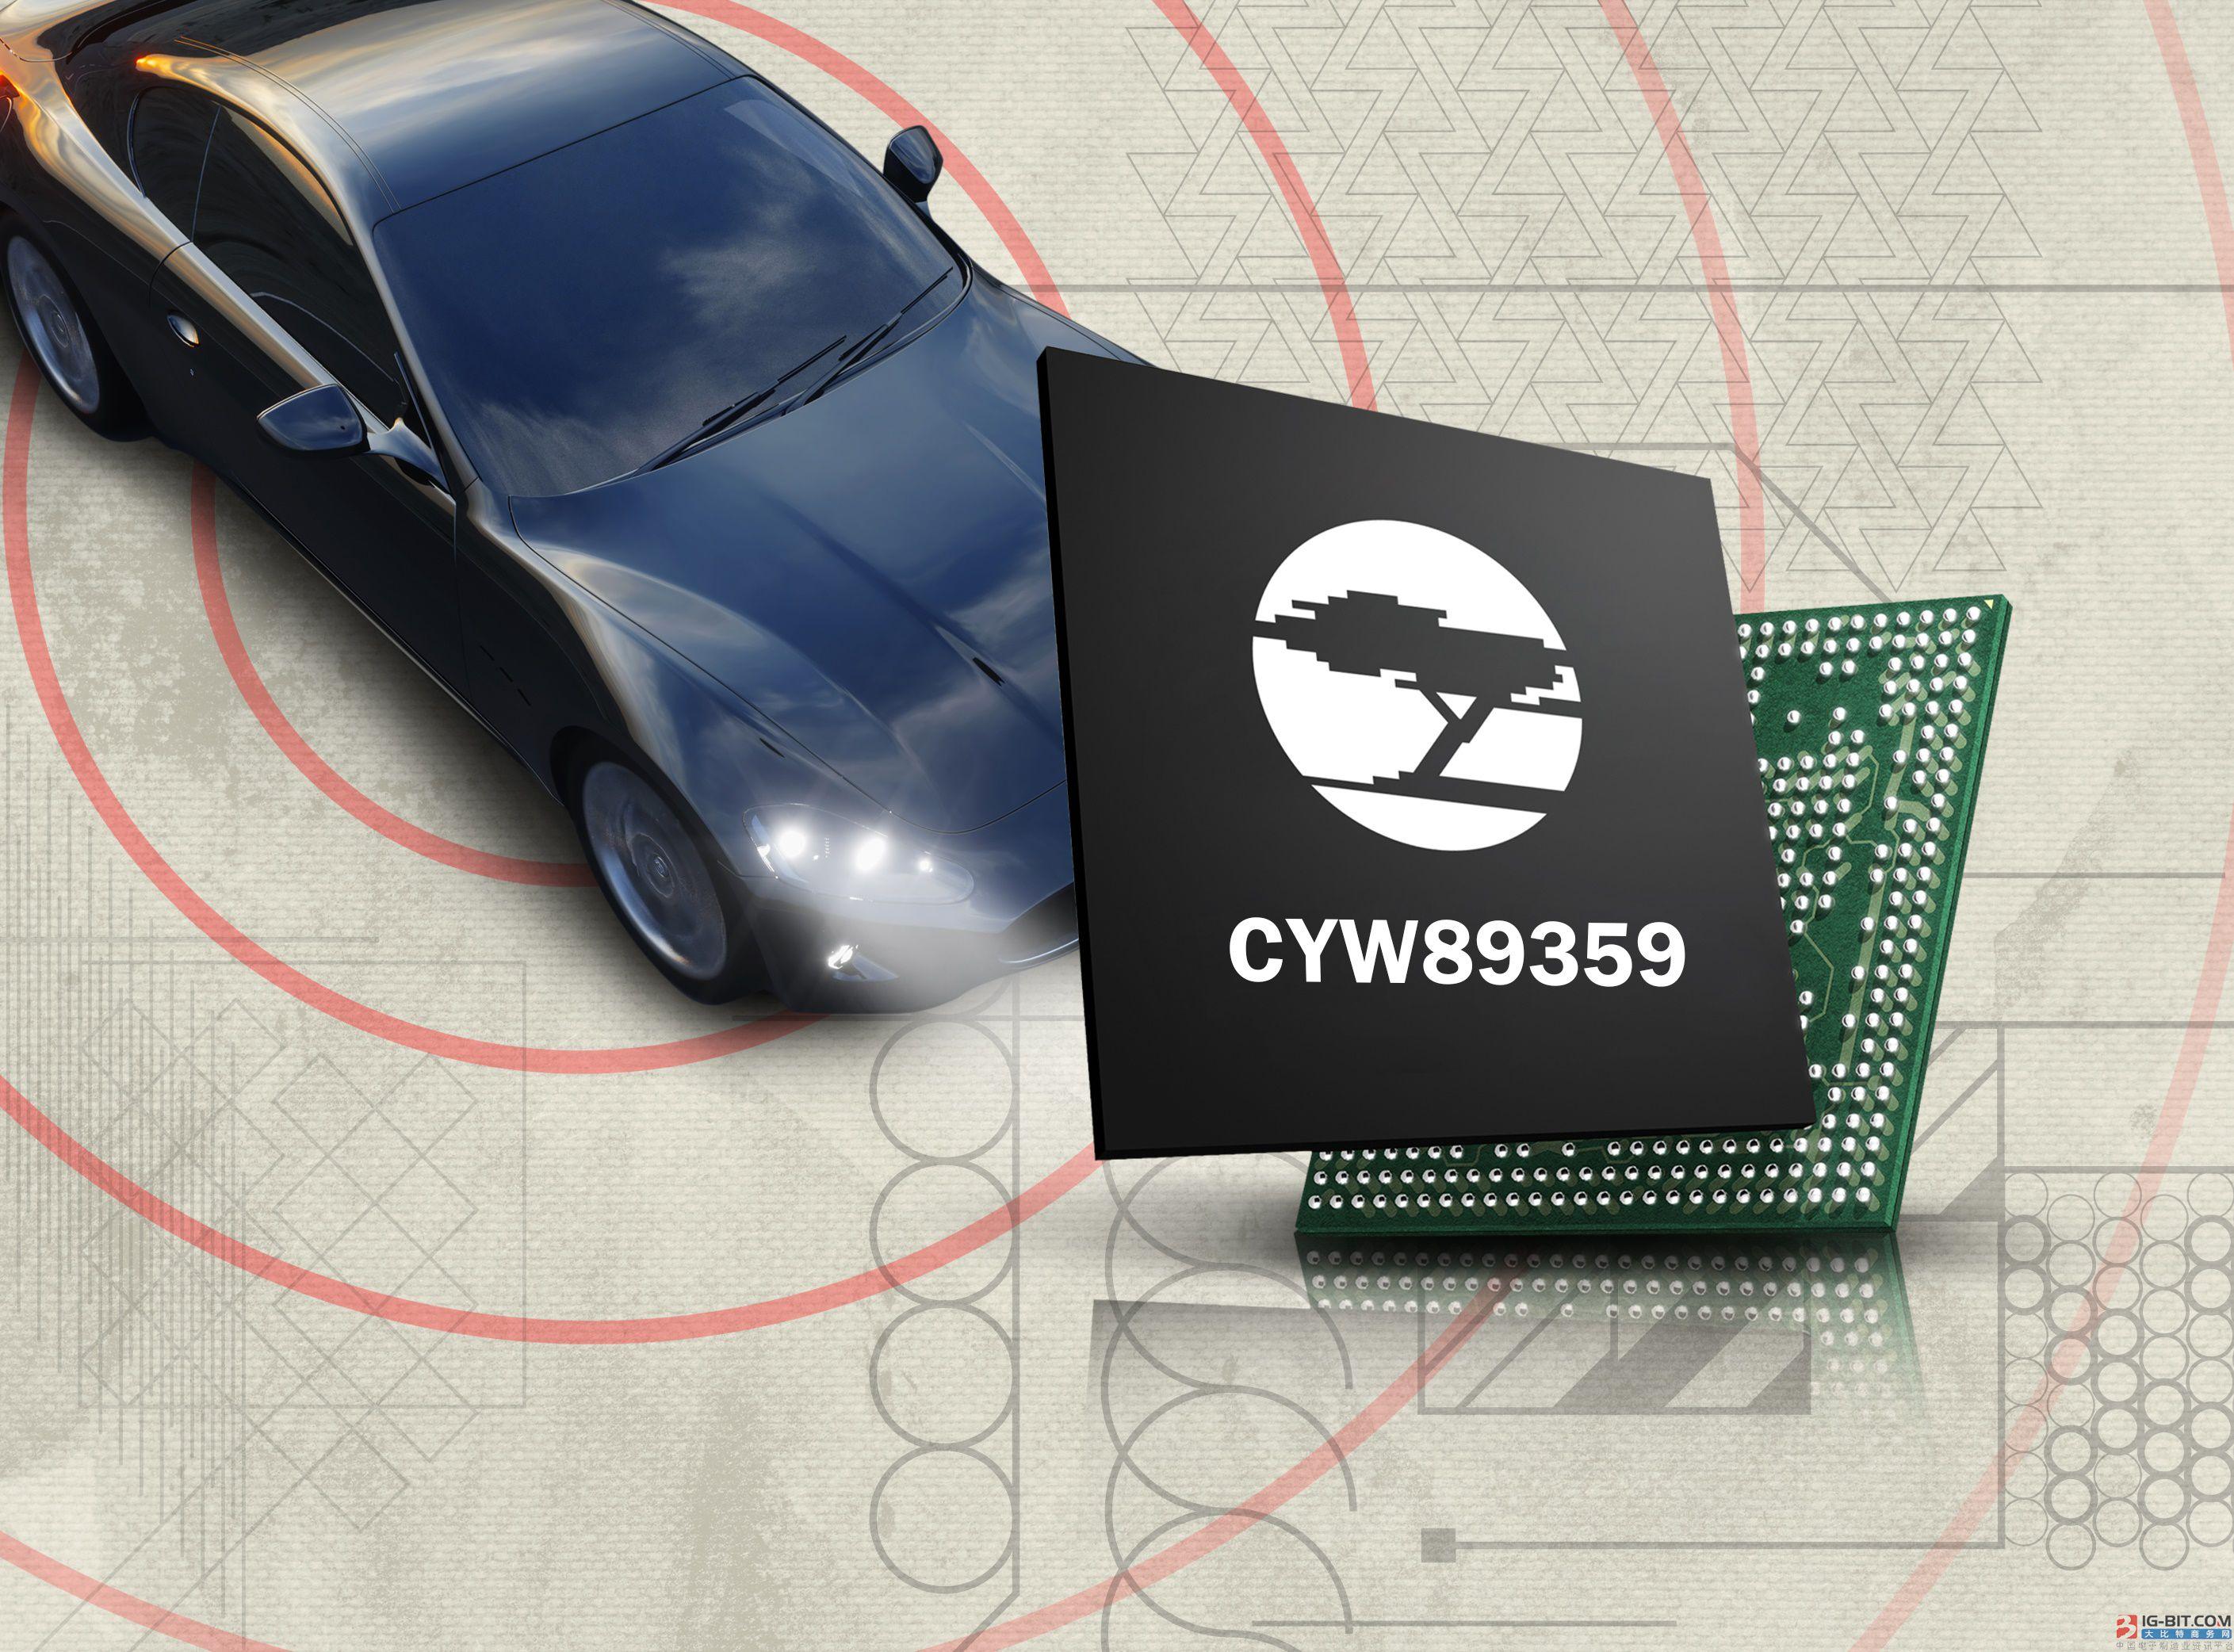 赛普拉斯携手e.solutions为车载信息娱乐系统树立新标杆